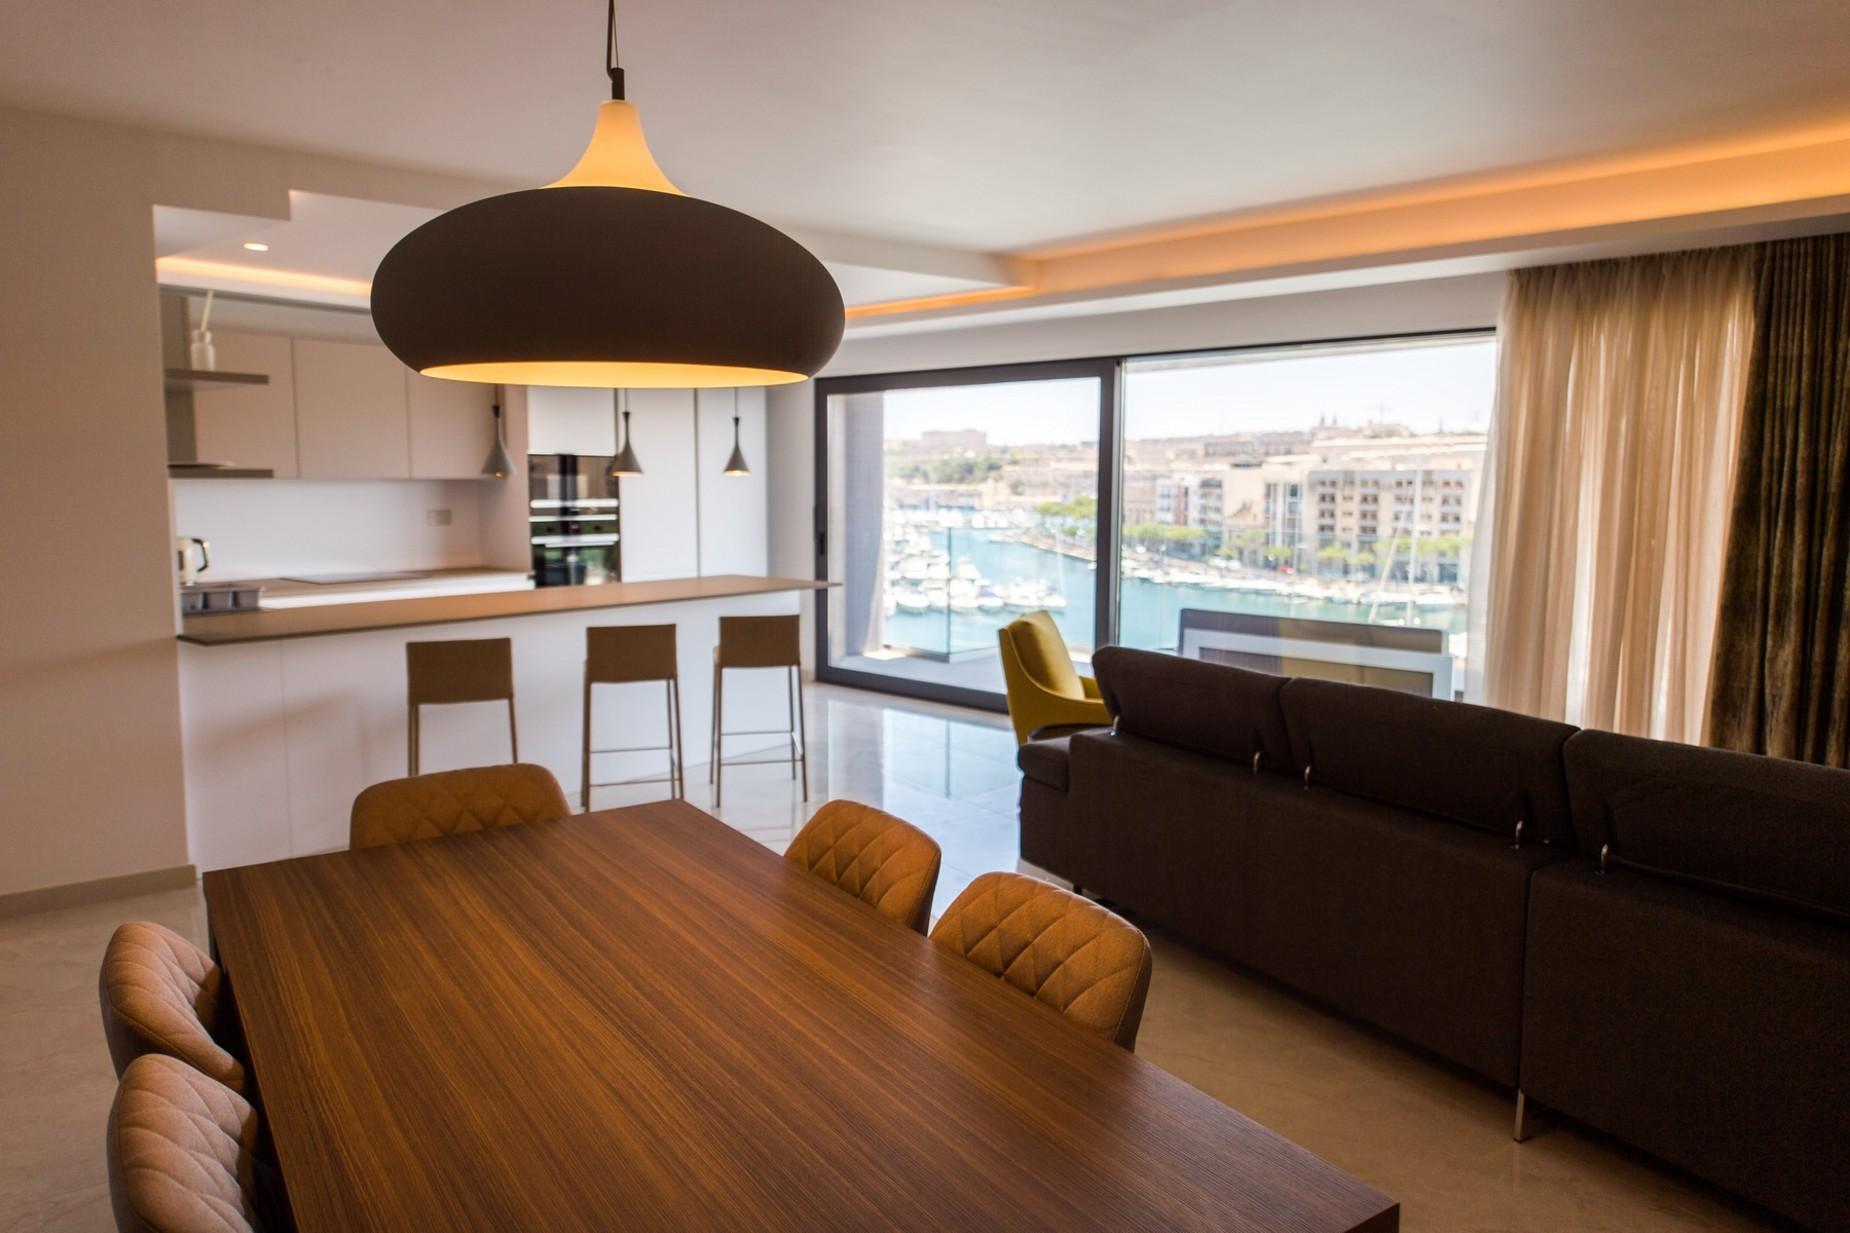 3 bed Apartment For Rent in Ta' Xbiex, Ta' Xbiex - thumb 5